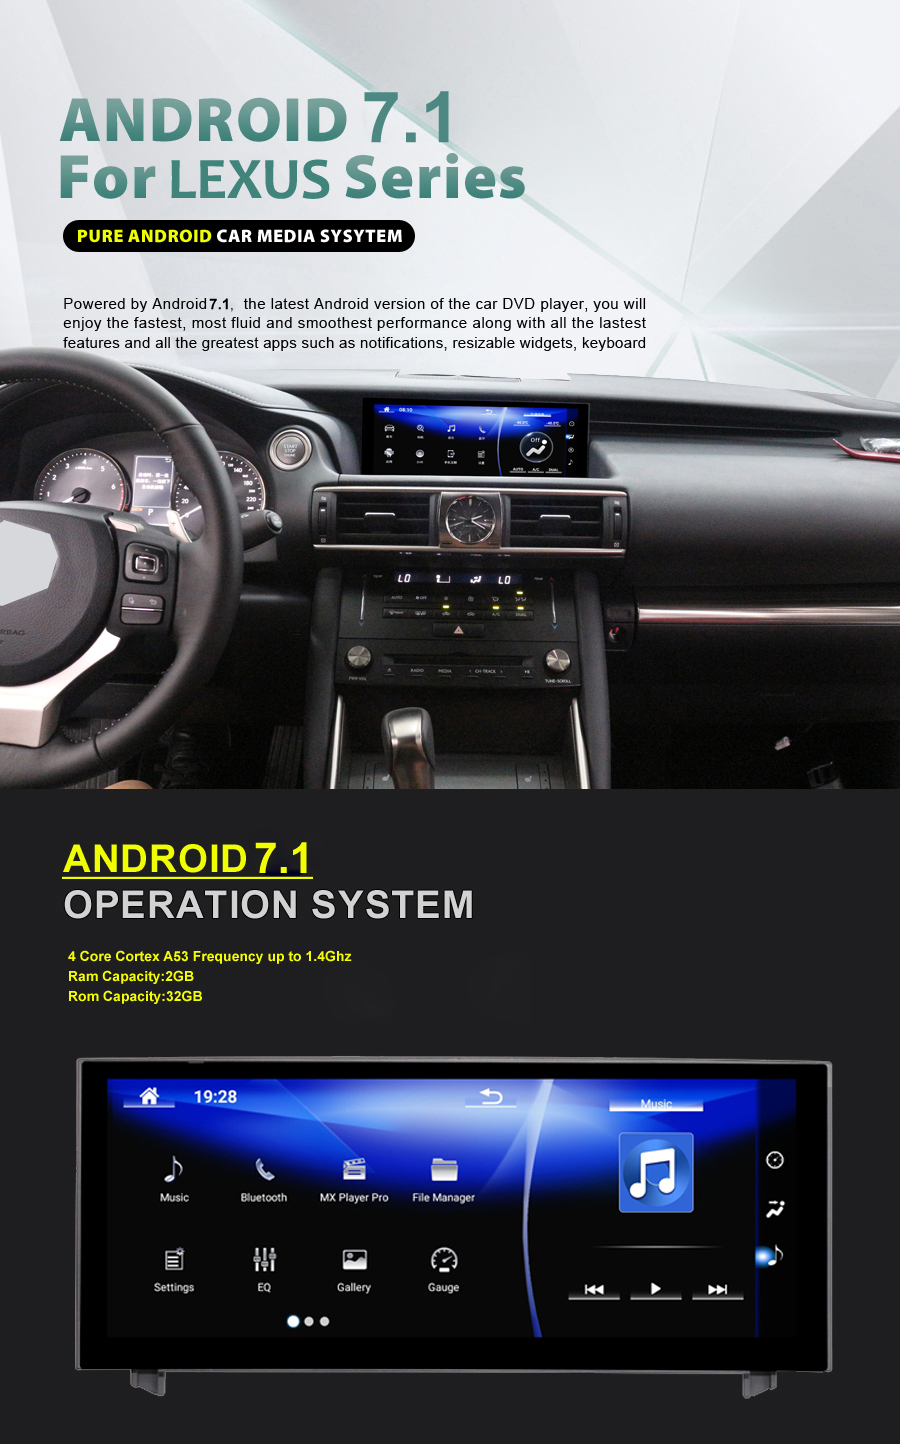 10.25 pouces NAVIRIDER Android 7.1 voiture Radio GPS Navigation BT tête unité écran pour Lexus IS 200 250 300 350 200 t 300 h 2013-2017